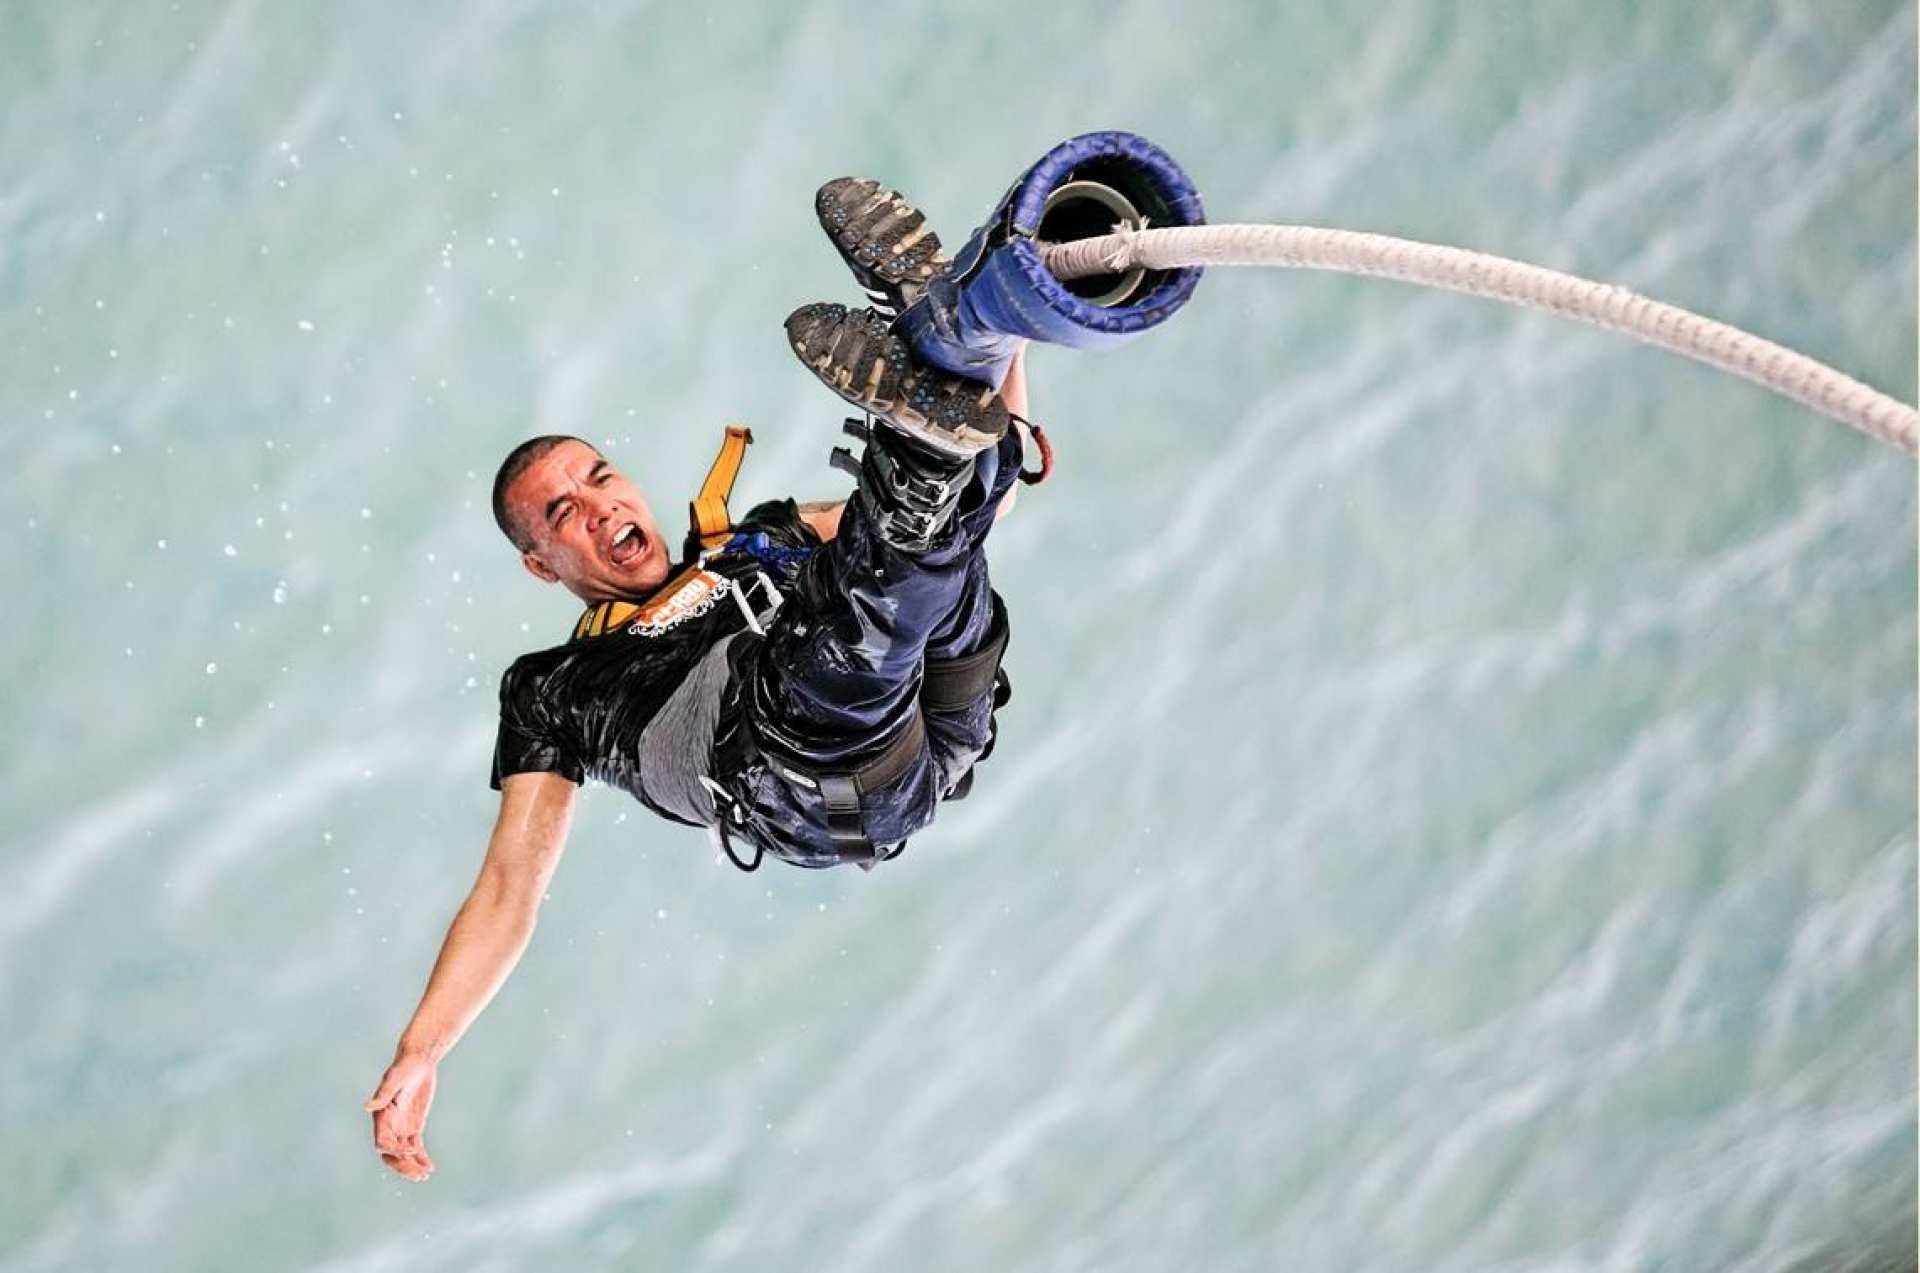 【紐西蘭北島極限挑戰】奧克蘭港灣大橋高空彈跳